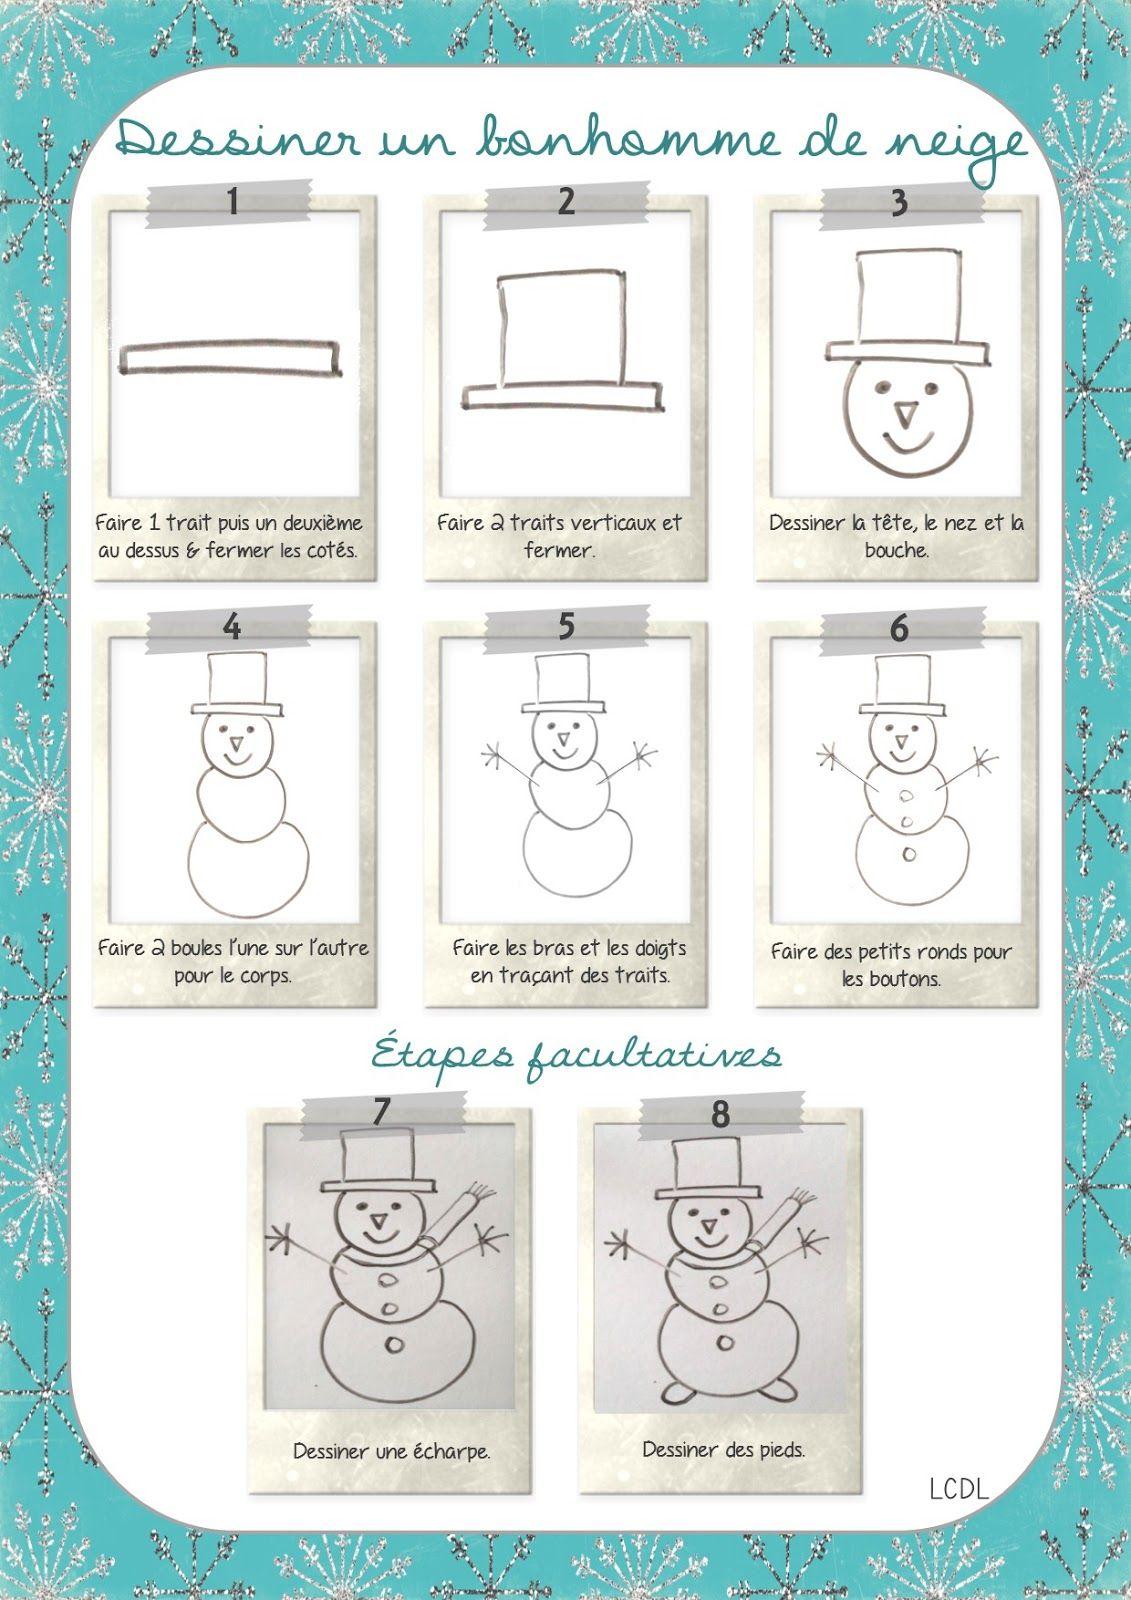 La maternelle de laur ne dessiner un bonhomme de neige cole pinterest bonhomme de neige - Pinterest bonhomme de neige ...